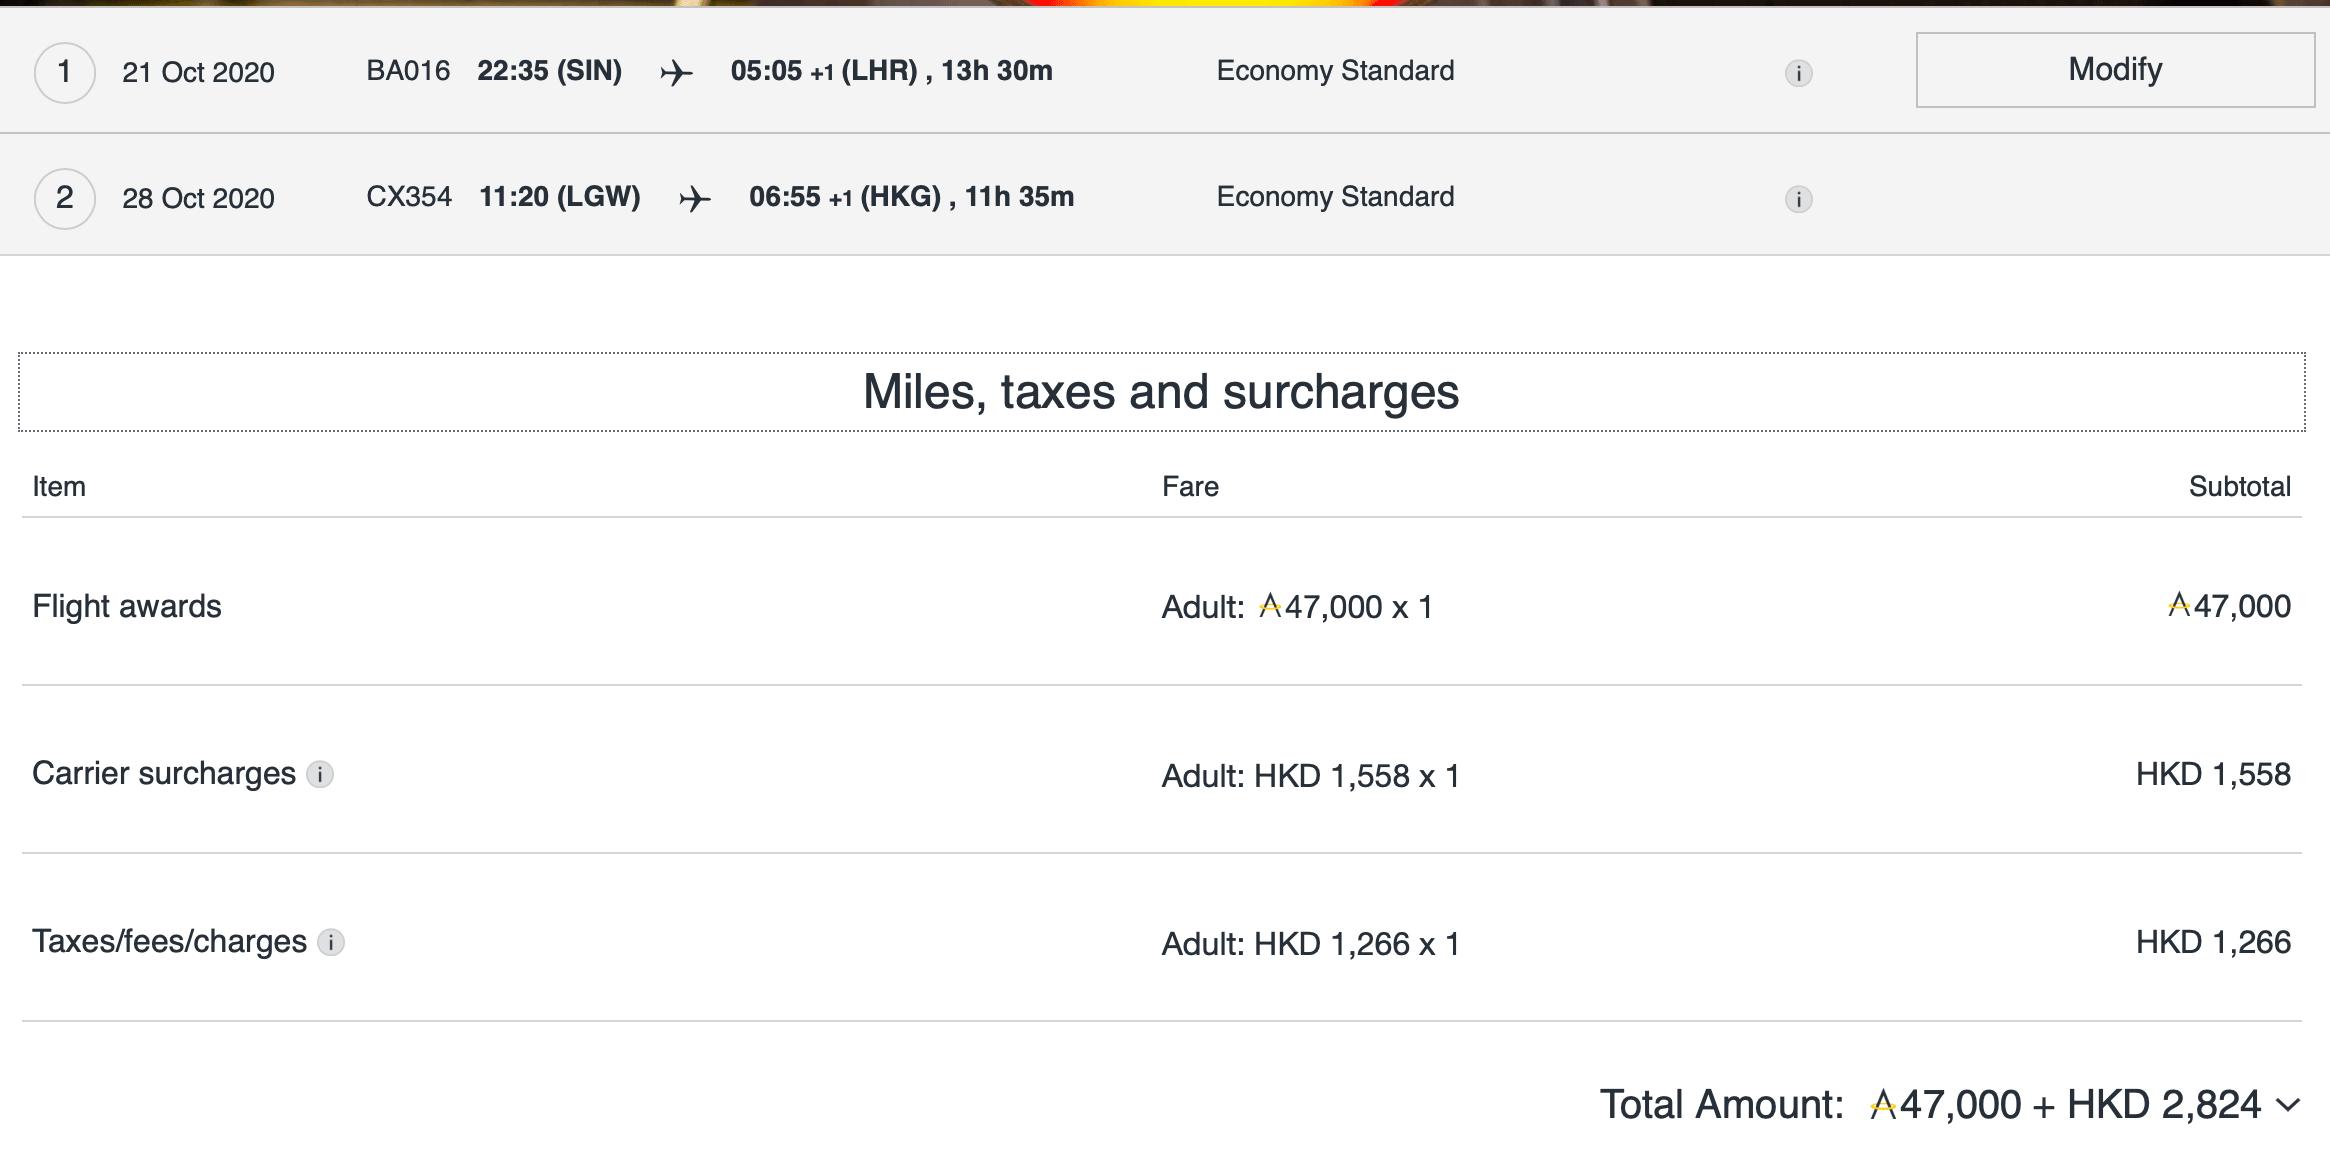 SIN-LHR & LGW-HKG, 47,000 Asia Miles + HK$2,824 Tax